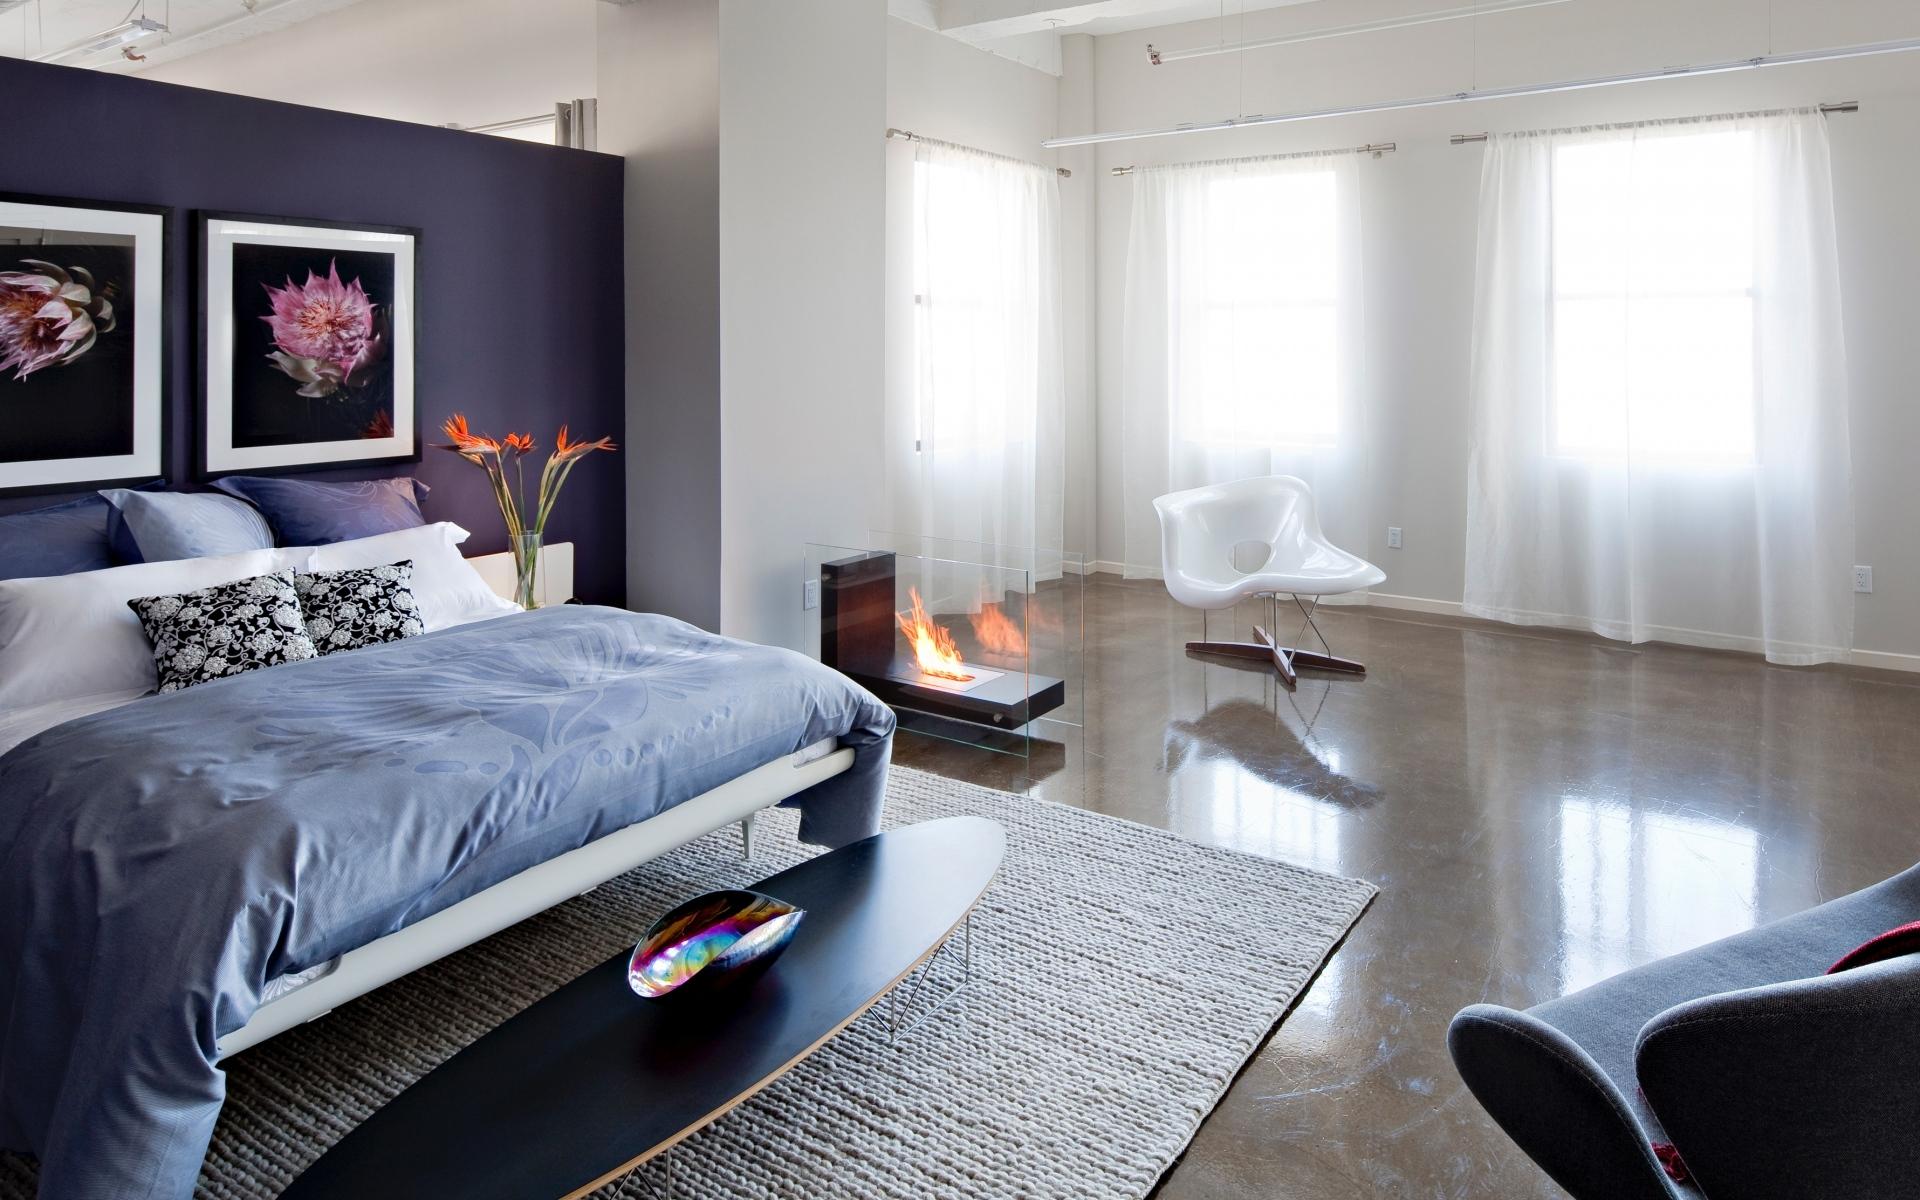 комната без обоев дизайн фото его описание